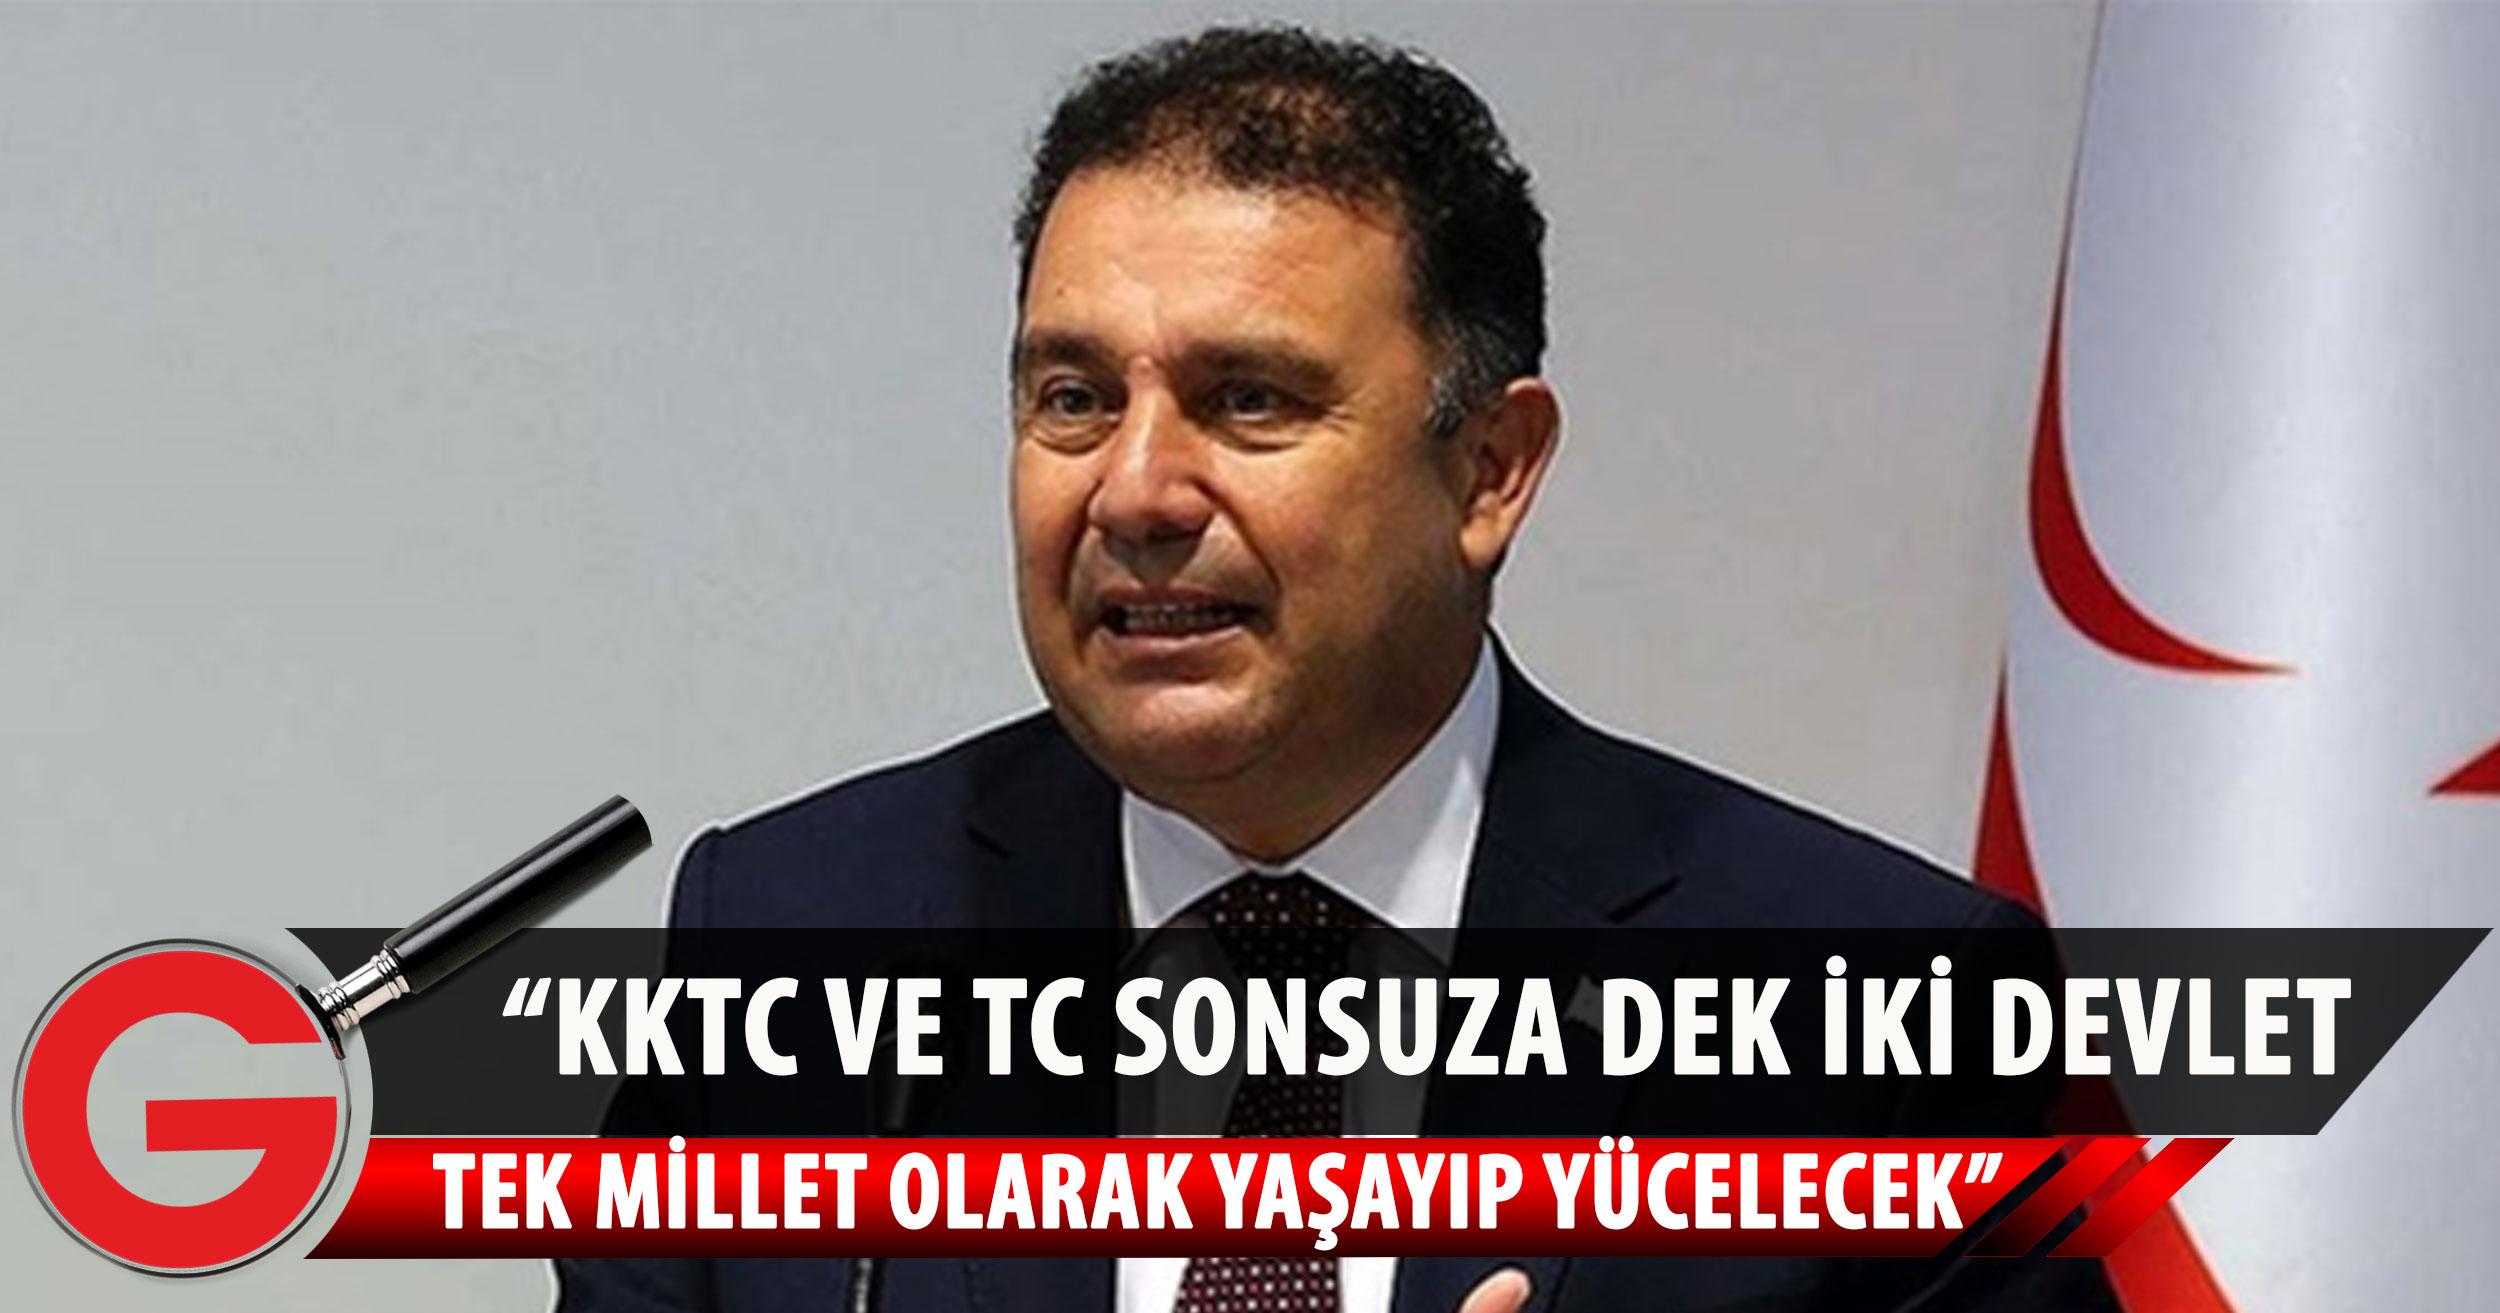 UBP Genel Başkanı Saner, Türkiye Cumhuriyeti'nin 98'İnci Kuruluş Yıldönümü Dolayısıyla Mesaj Yayımladı